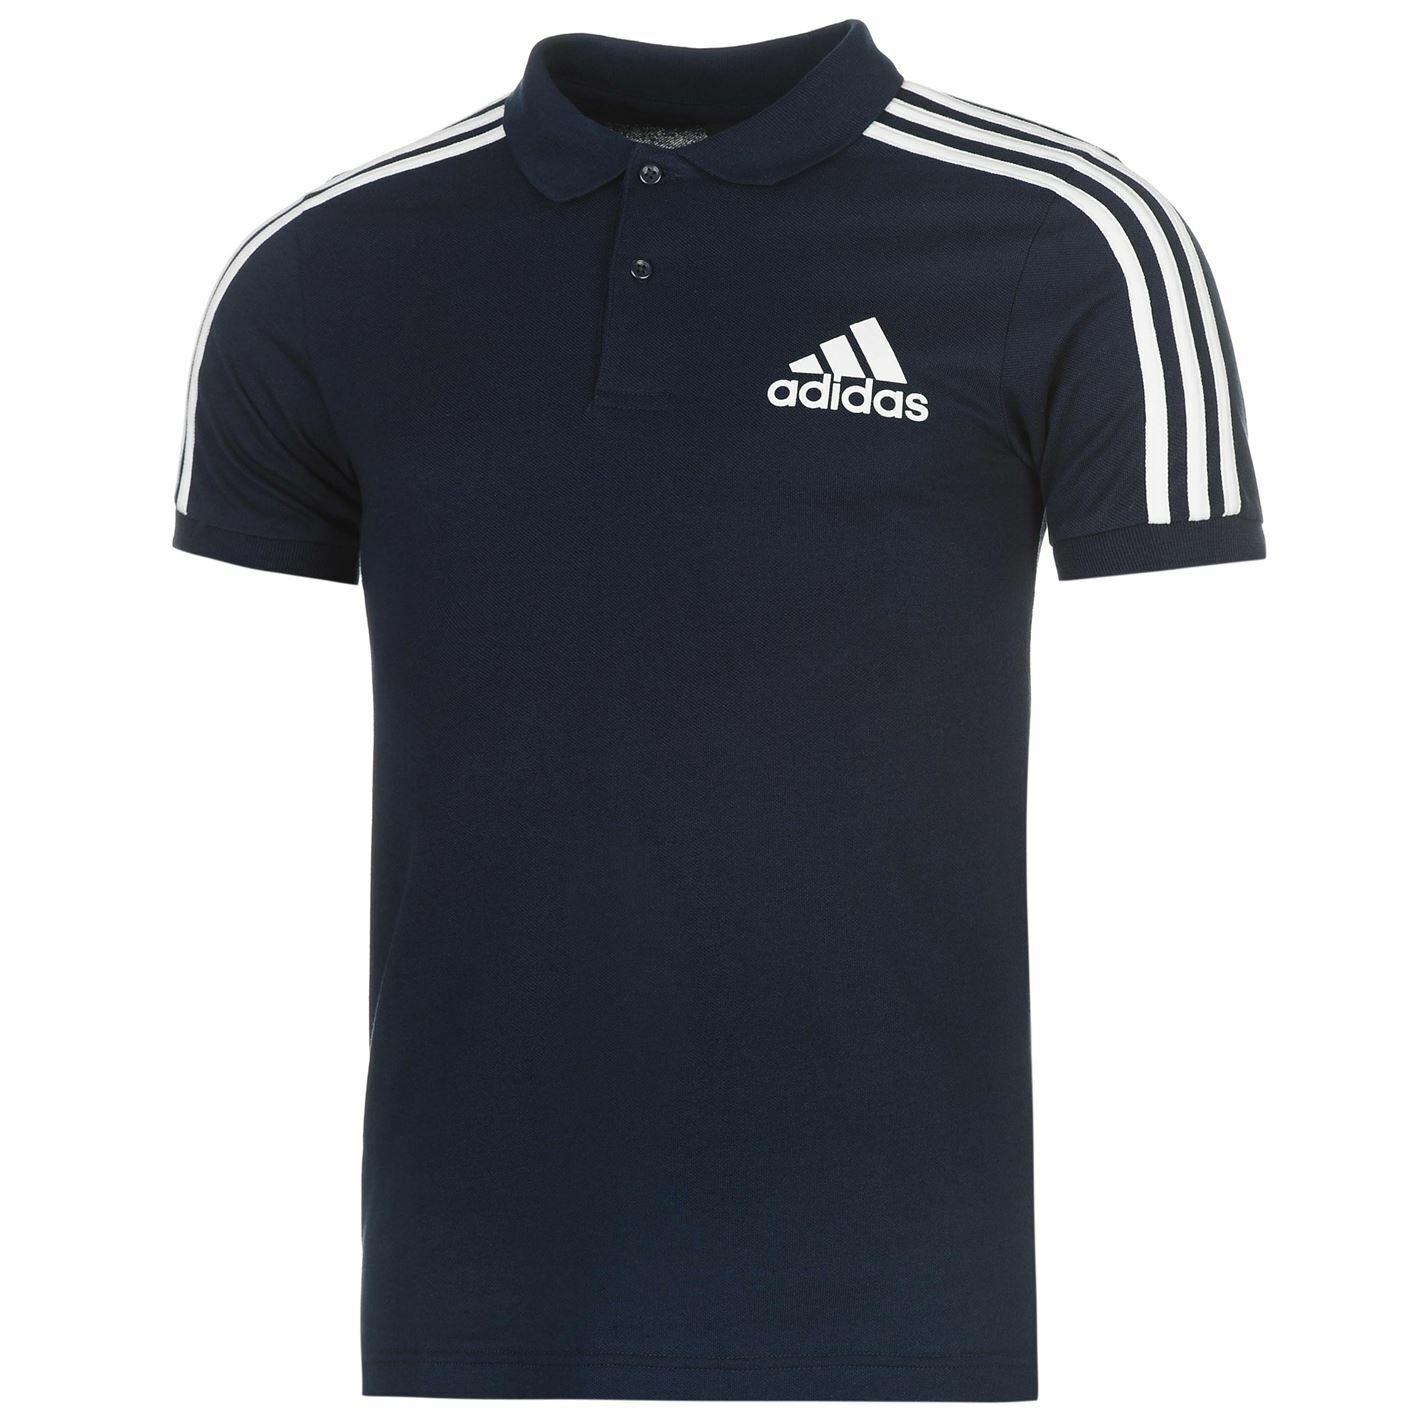 Adidas Adidas Adidas 3 Streifen Logo Polohemd Herren Marine Weiß Kragen T Top Sportkleidung | Authentische Garantie  317f2a